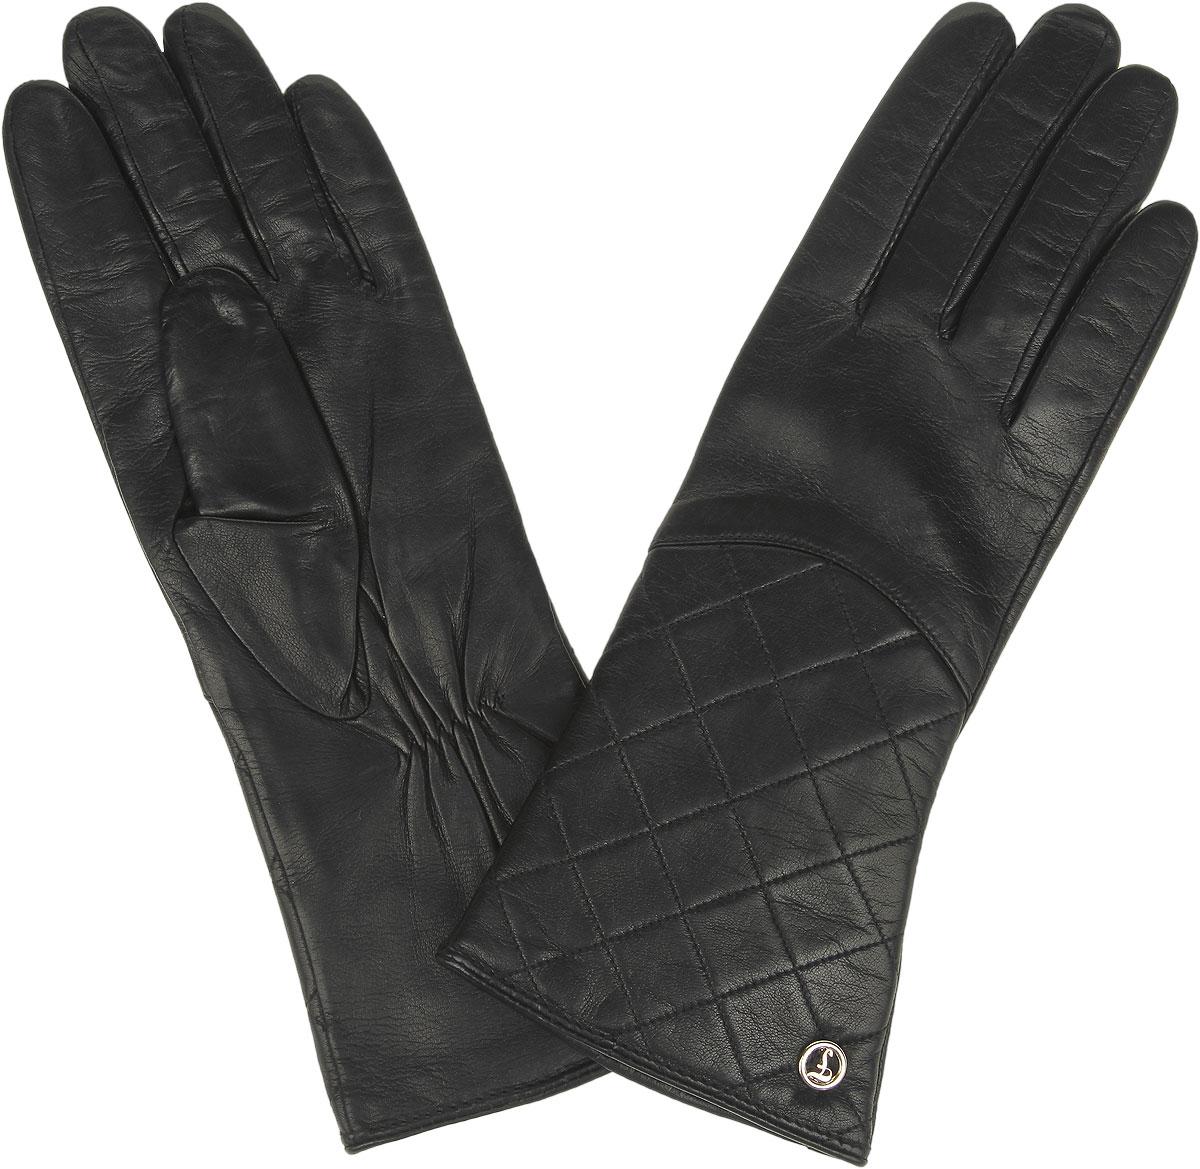 Перчатки женские Fabretti, цвет: черный. 9.16-1. Размер 79.16-1_blackСтильные женские перчатки Fabretti не только защитят ваши руки от холода, но и станут великолепным украшением. Перчатки выполнены из натуральной кожи с подкладкой из шерсти с добавлением кашемира. Лицевую сторону украшает декоративная ромбовидная отсрочка и фурнитура с фирменным логотипом. Запястье оснащено небольшой резинкой, фиксирующей модель на руке. Перчатки Fabrettiстанут завершающим и подчеркивающим элементом вашего стиля.